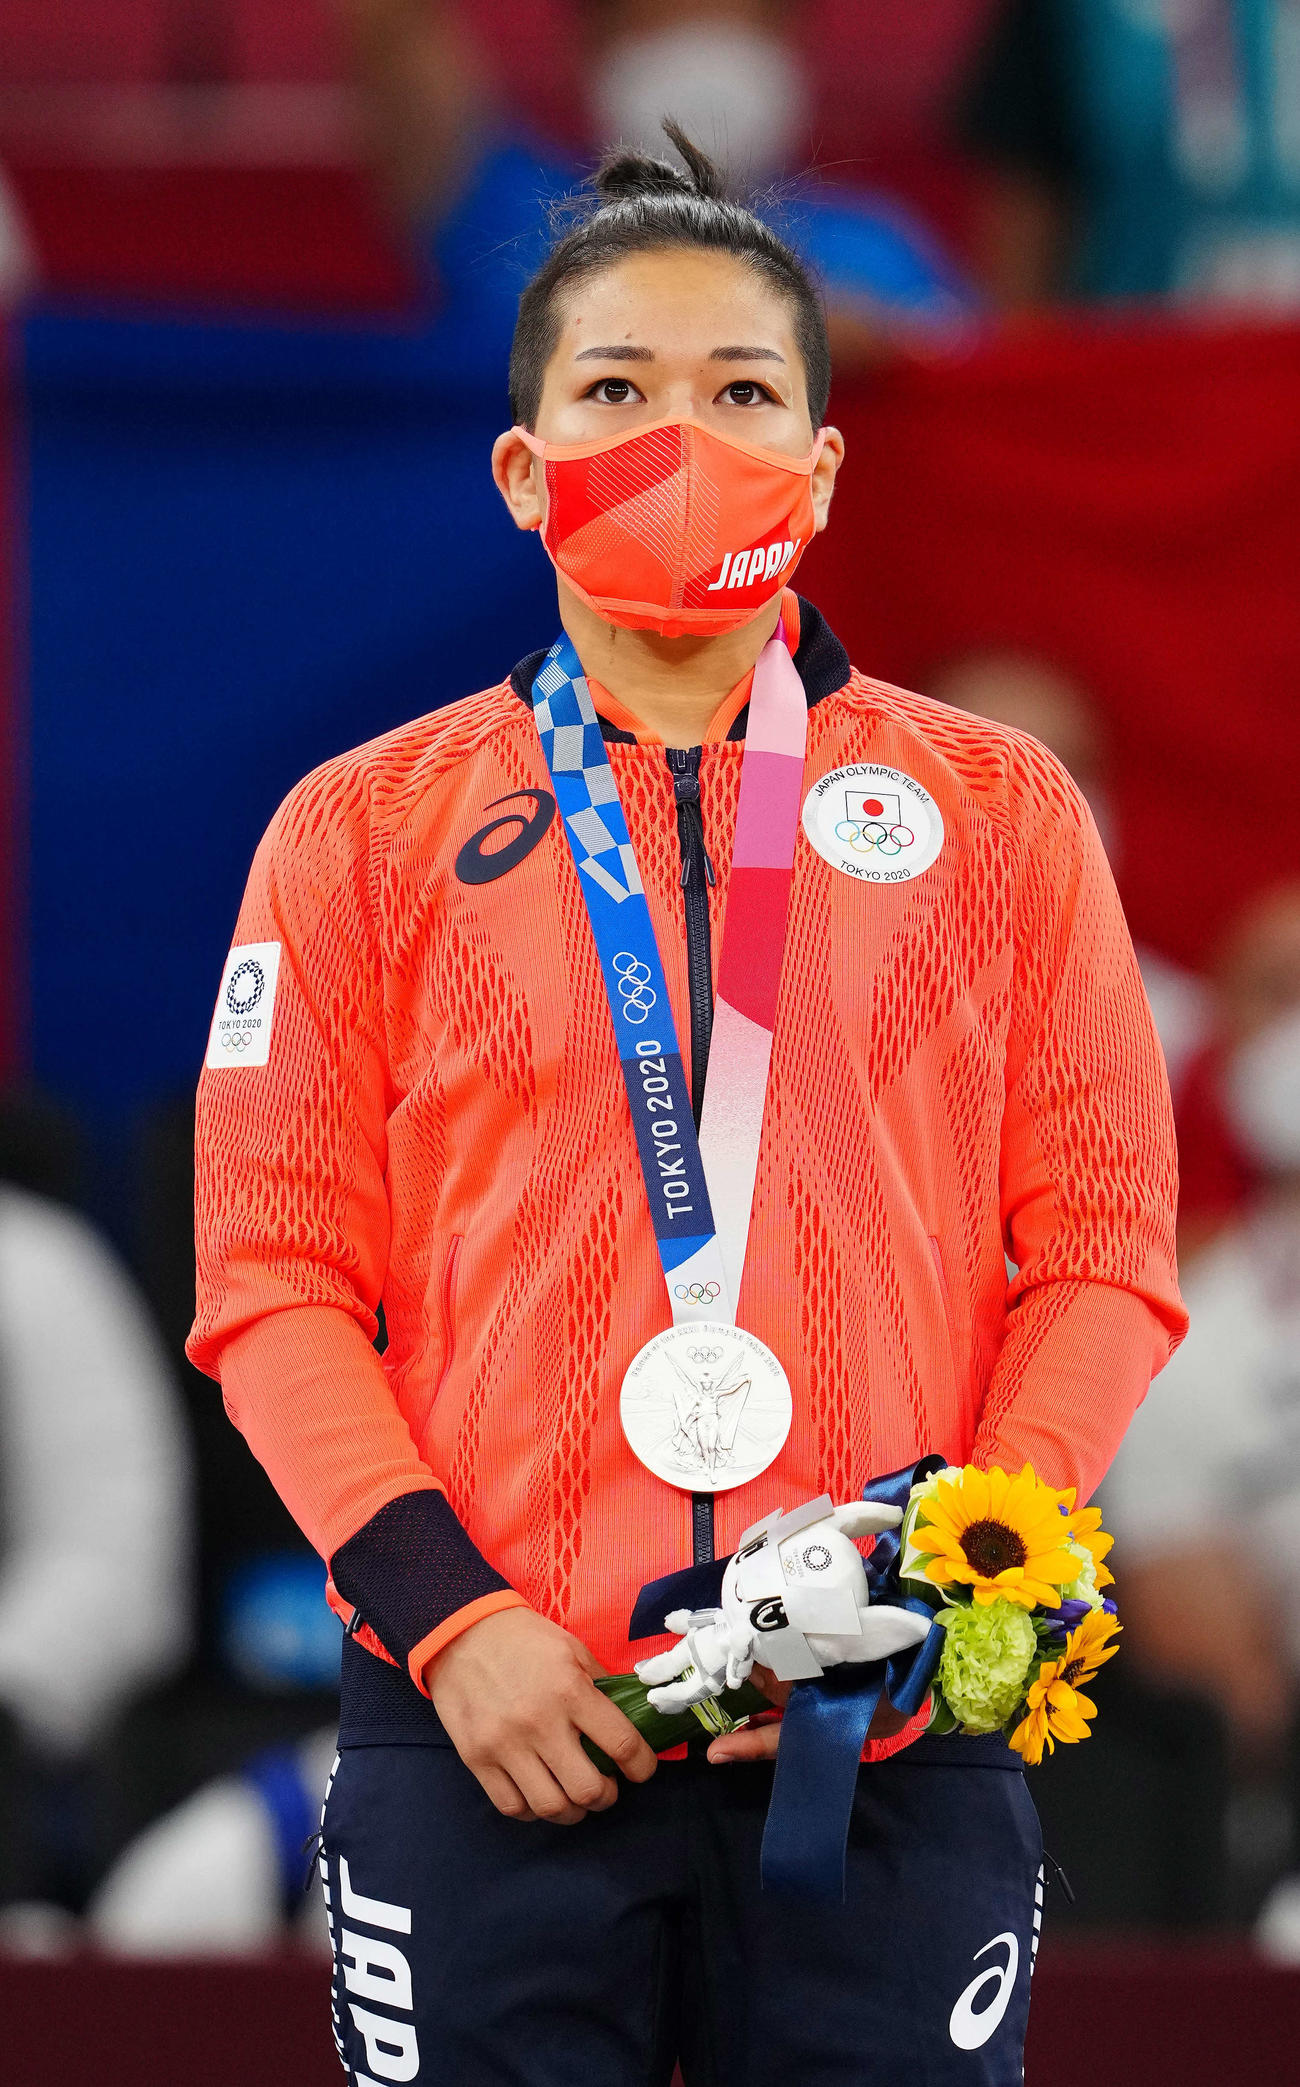 柔道女子48キロ級表彰式で銀メダルをかける渡名喜(撮影・江口和貴)